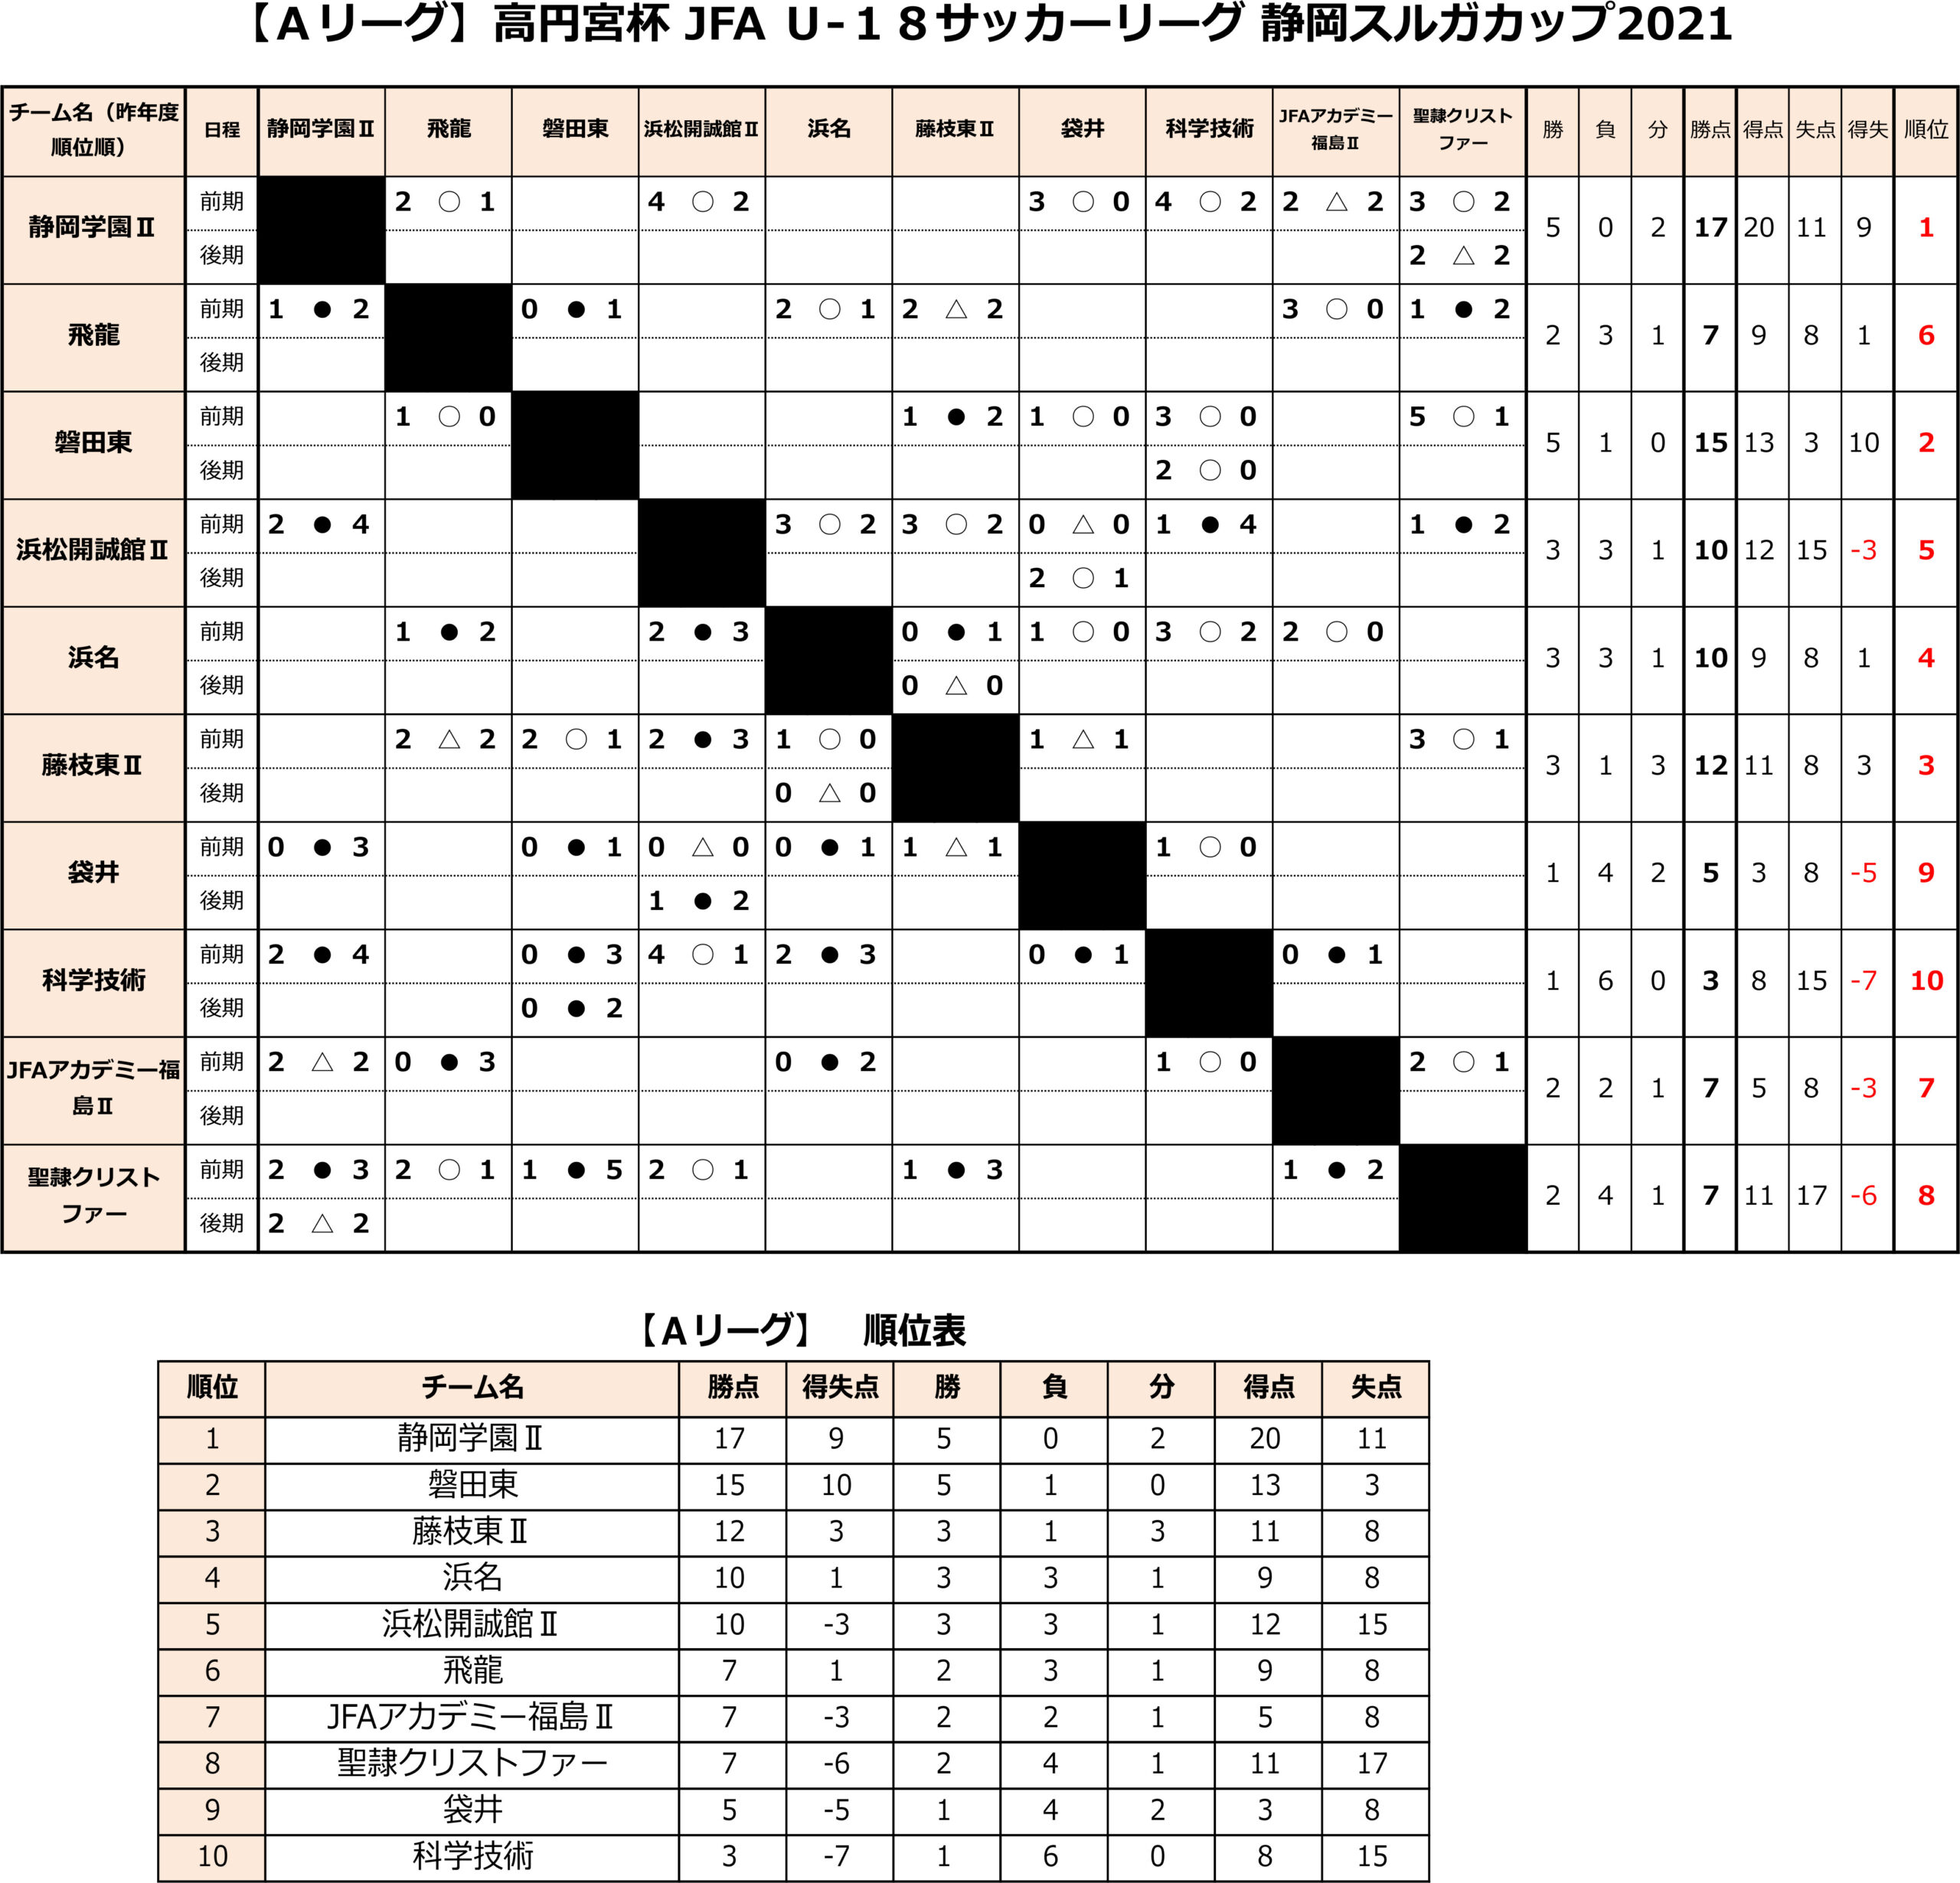 高円宮杯 JFA U-18サッカーリーグ2021 静岡 Aリーグ前期 トーナメント表